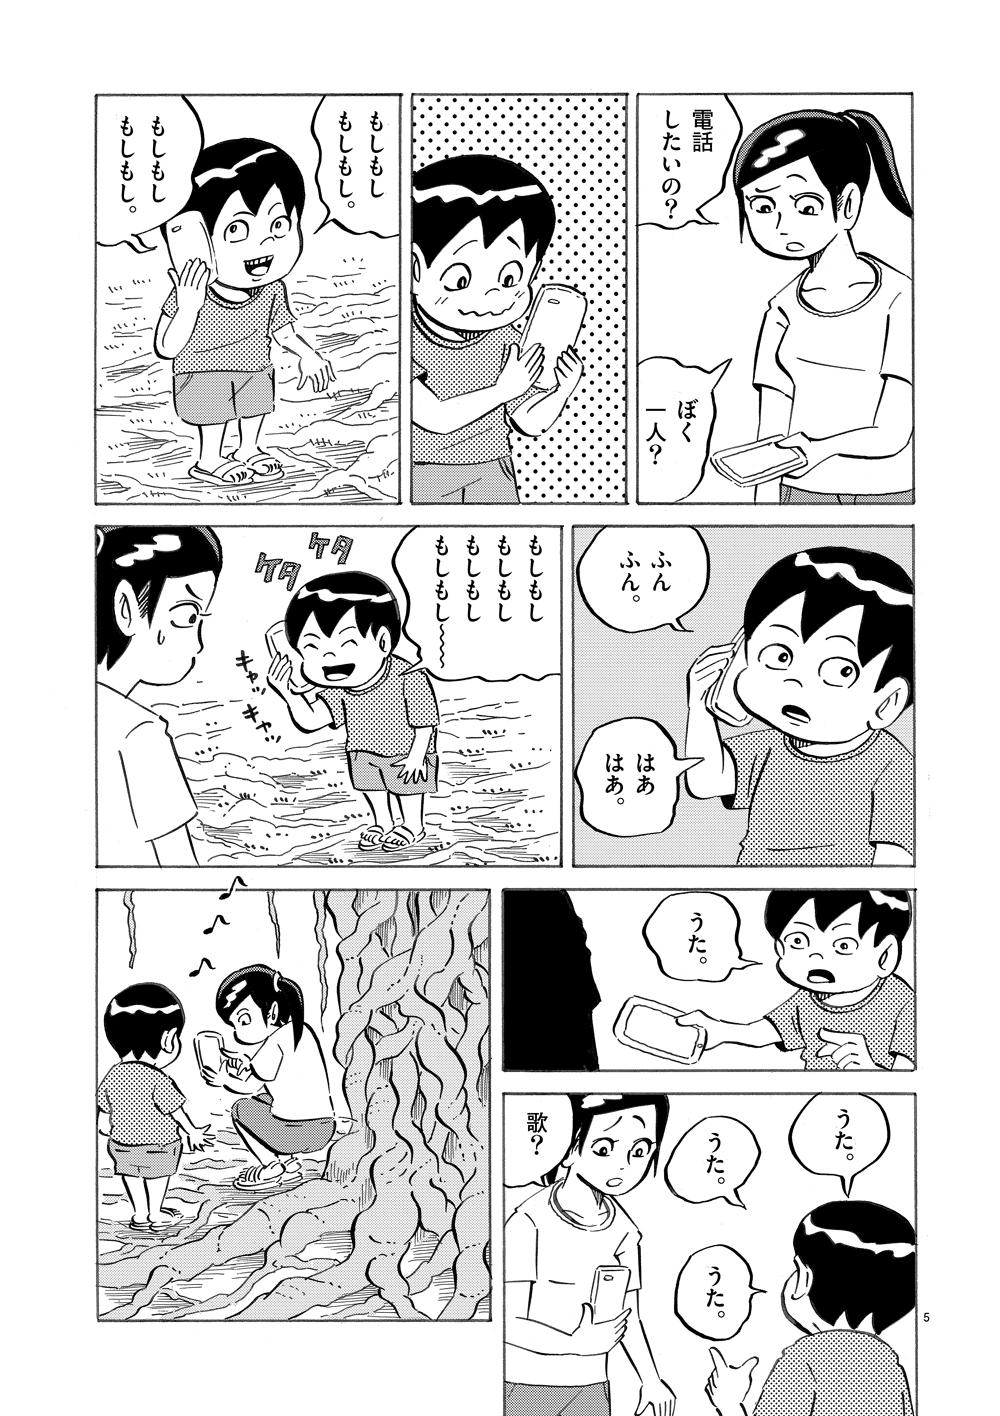 琉球怪談 【第6話】WEB掲載5ページ目画像